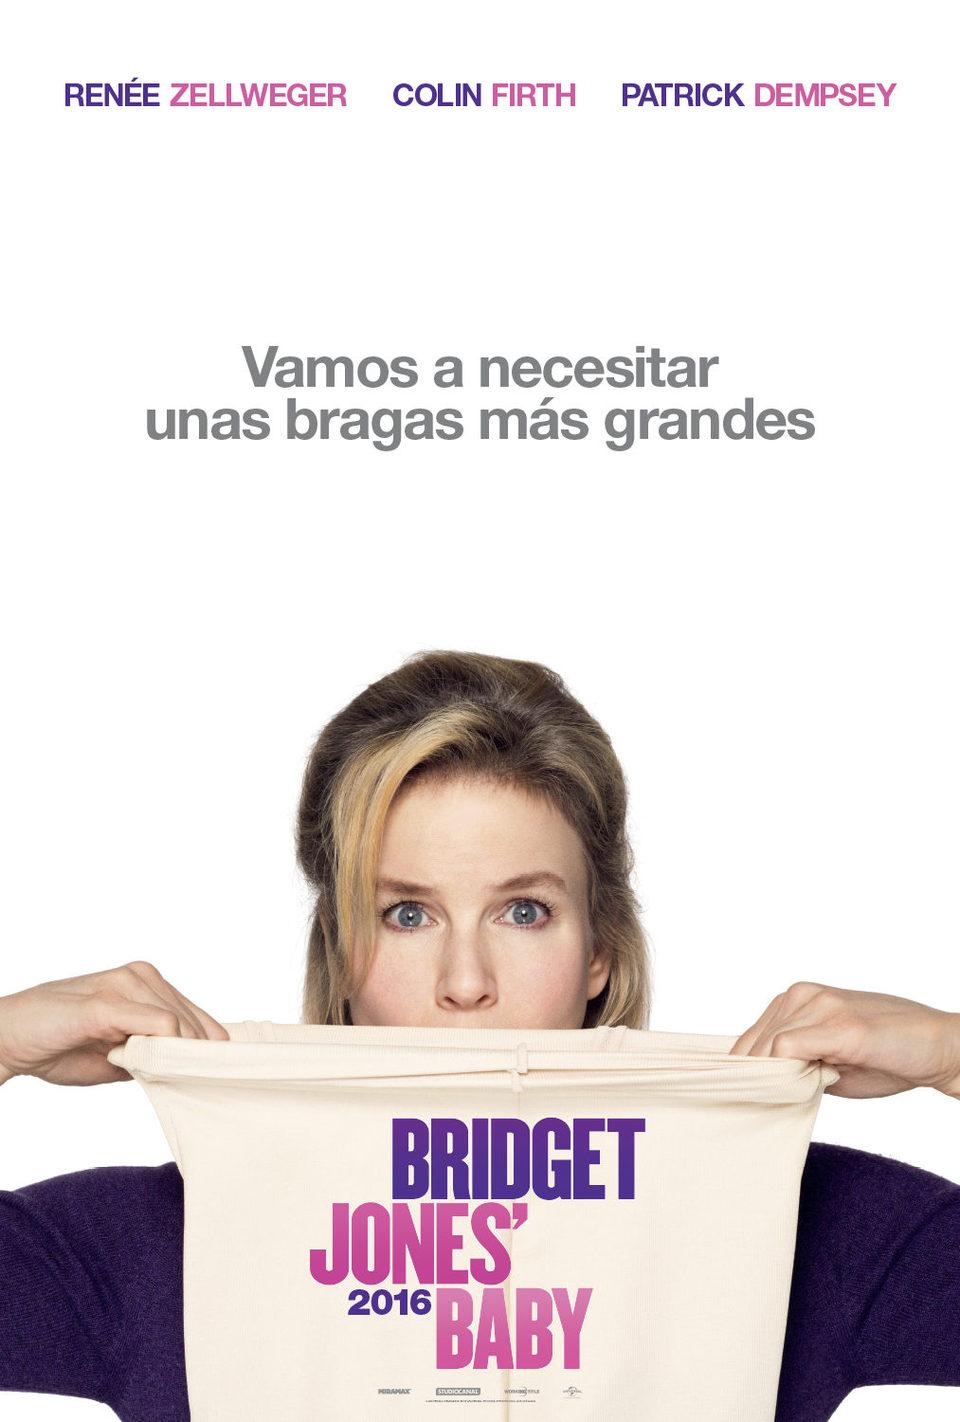 Cartel Teaser España de 'Bridget Jones' Baby'